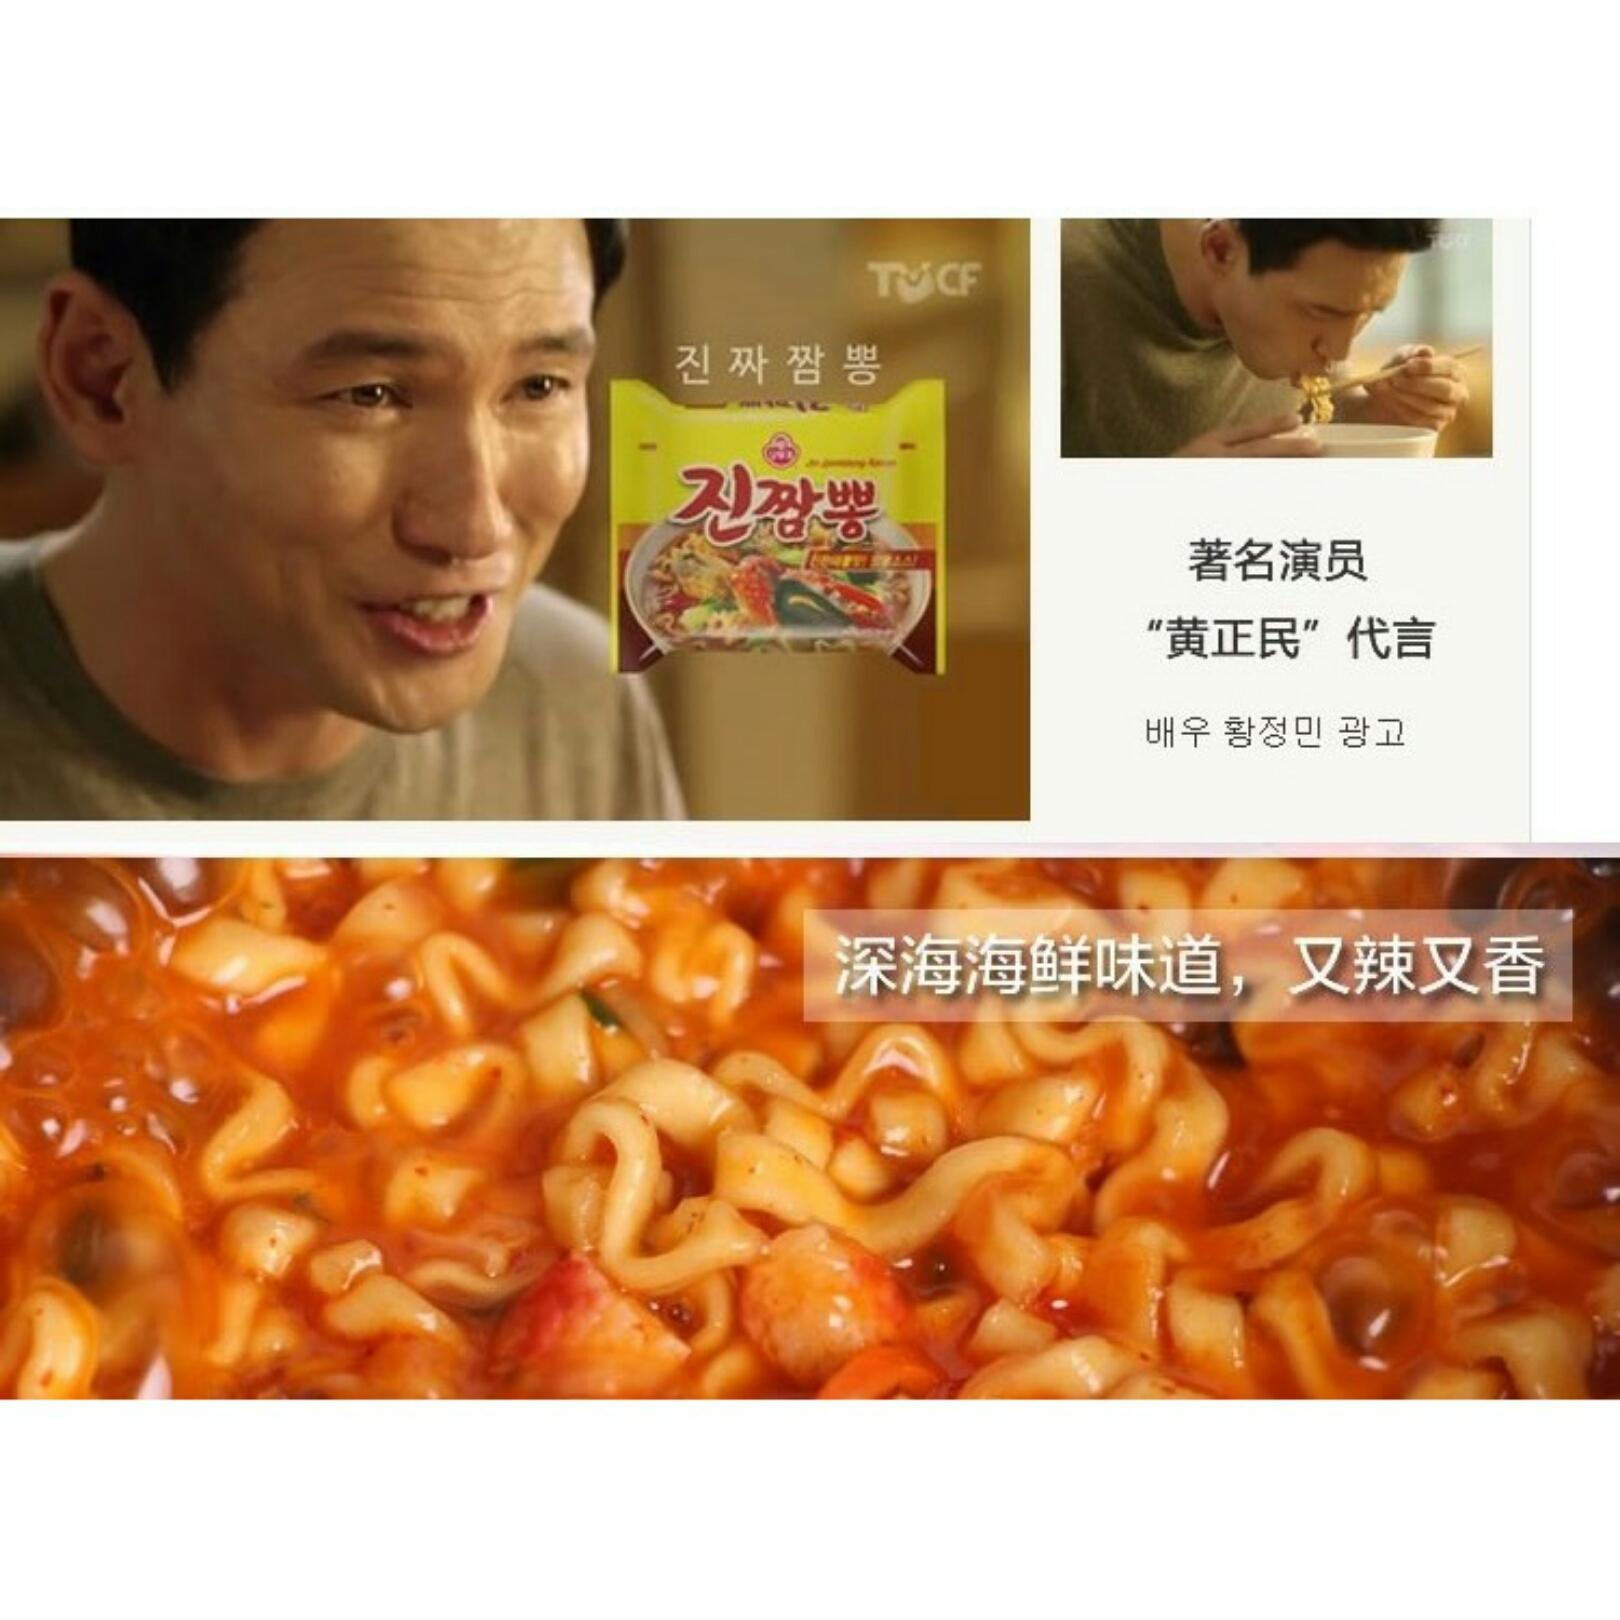 有樂町進口食品 韓流來襲 不倒翁r金螃蟹炒碼麵 130g 8801045522678